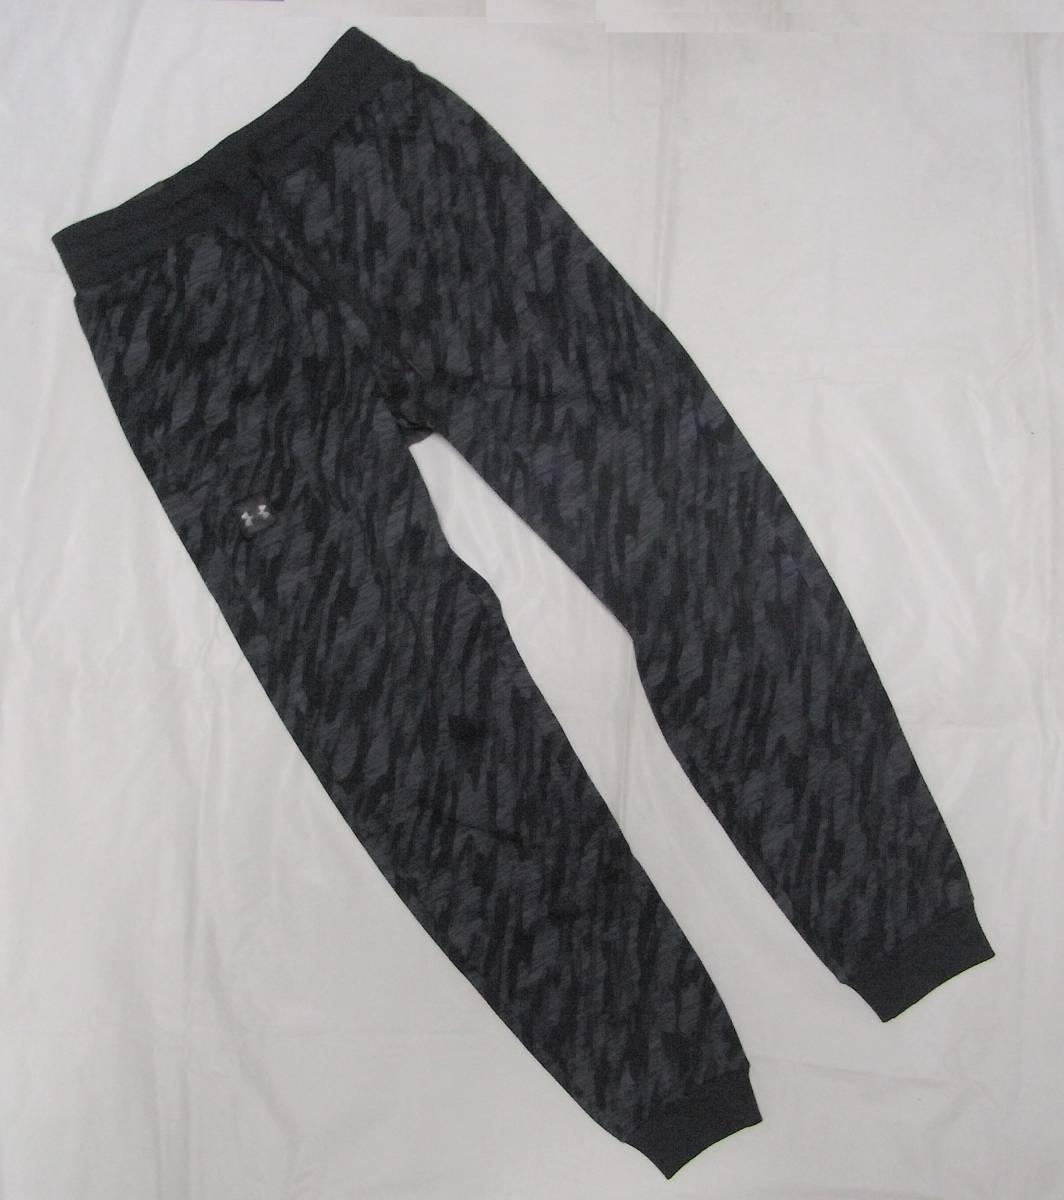 新品 XL O アンダーアーマー UNDER ARMOUR スウェット カモフラ 迷彩 黒 上下セット カモ メンズ ジャージ ブラック パーカー 本物 正規品_画像9